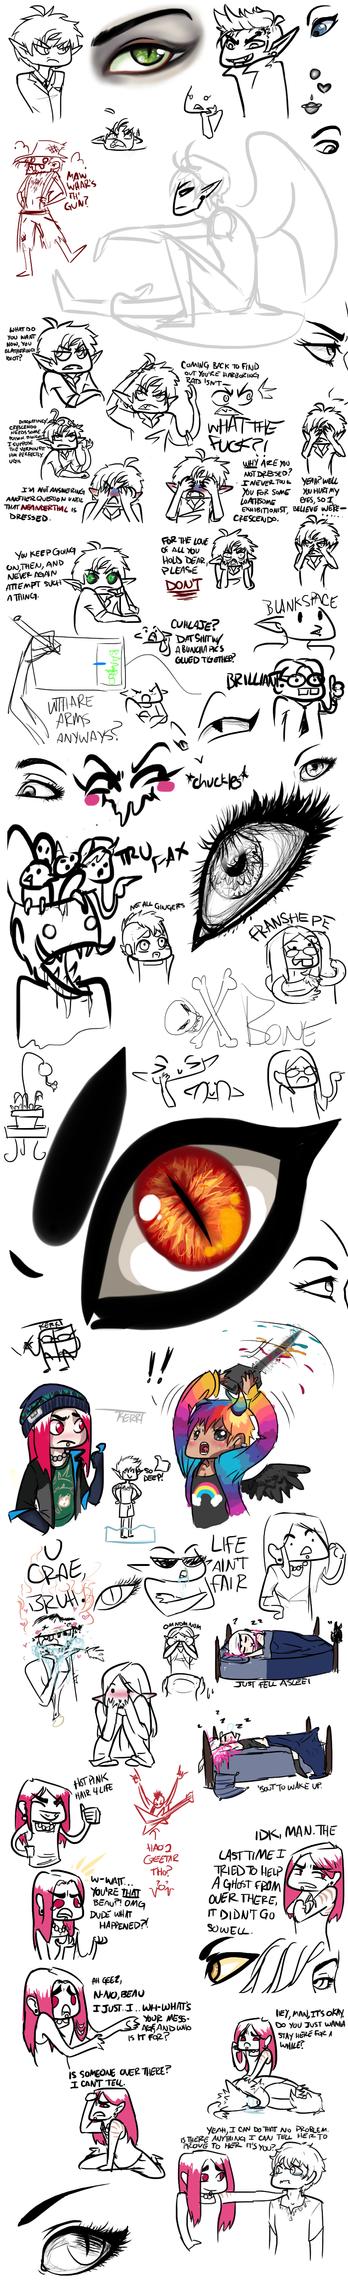 Doodles 3 by Karret